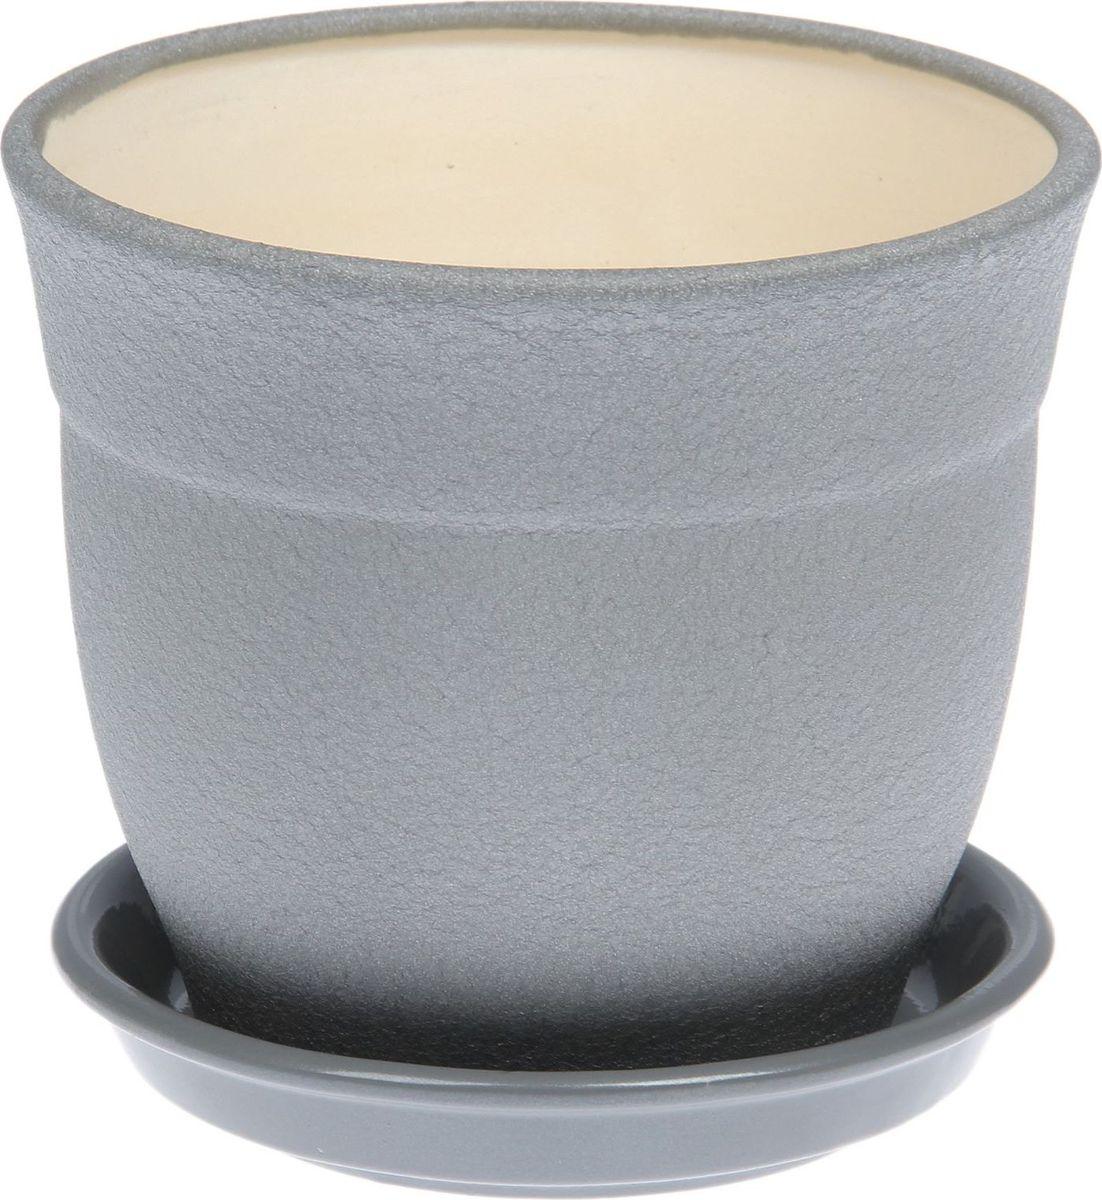 Кашпо Керамика ручной работы Флорис, цвет: серебристый, 1,2 л1489728Комнатные растения — всеобщие любимцы. Они радуют глаз, насыщают помещение кислородом и украшают пространство. Каждому из них необходим свой удобный и красивый дом. Кашпо из керамики прекрасно подходят для высадки растений: за счет пластичности глины и разных способов обработки существует великое множество форм и дизайнов пористый материал позволяет испаряться лишней влаге воздух, необходимый для дыхания корней, проникает сквозь керамические стенки! позаботится о зеленом питомце, освежит интерьер и подчеркнет его стиль.